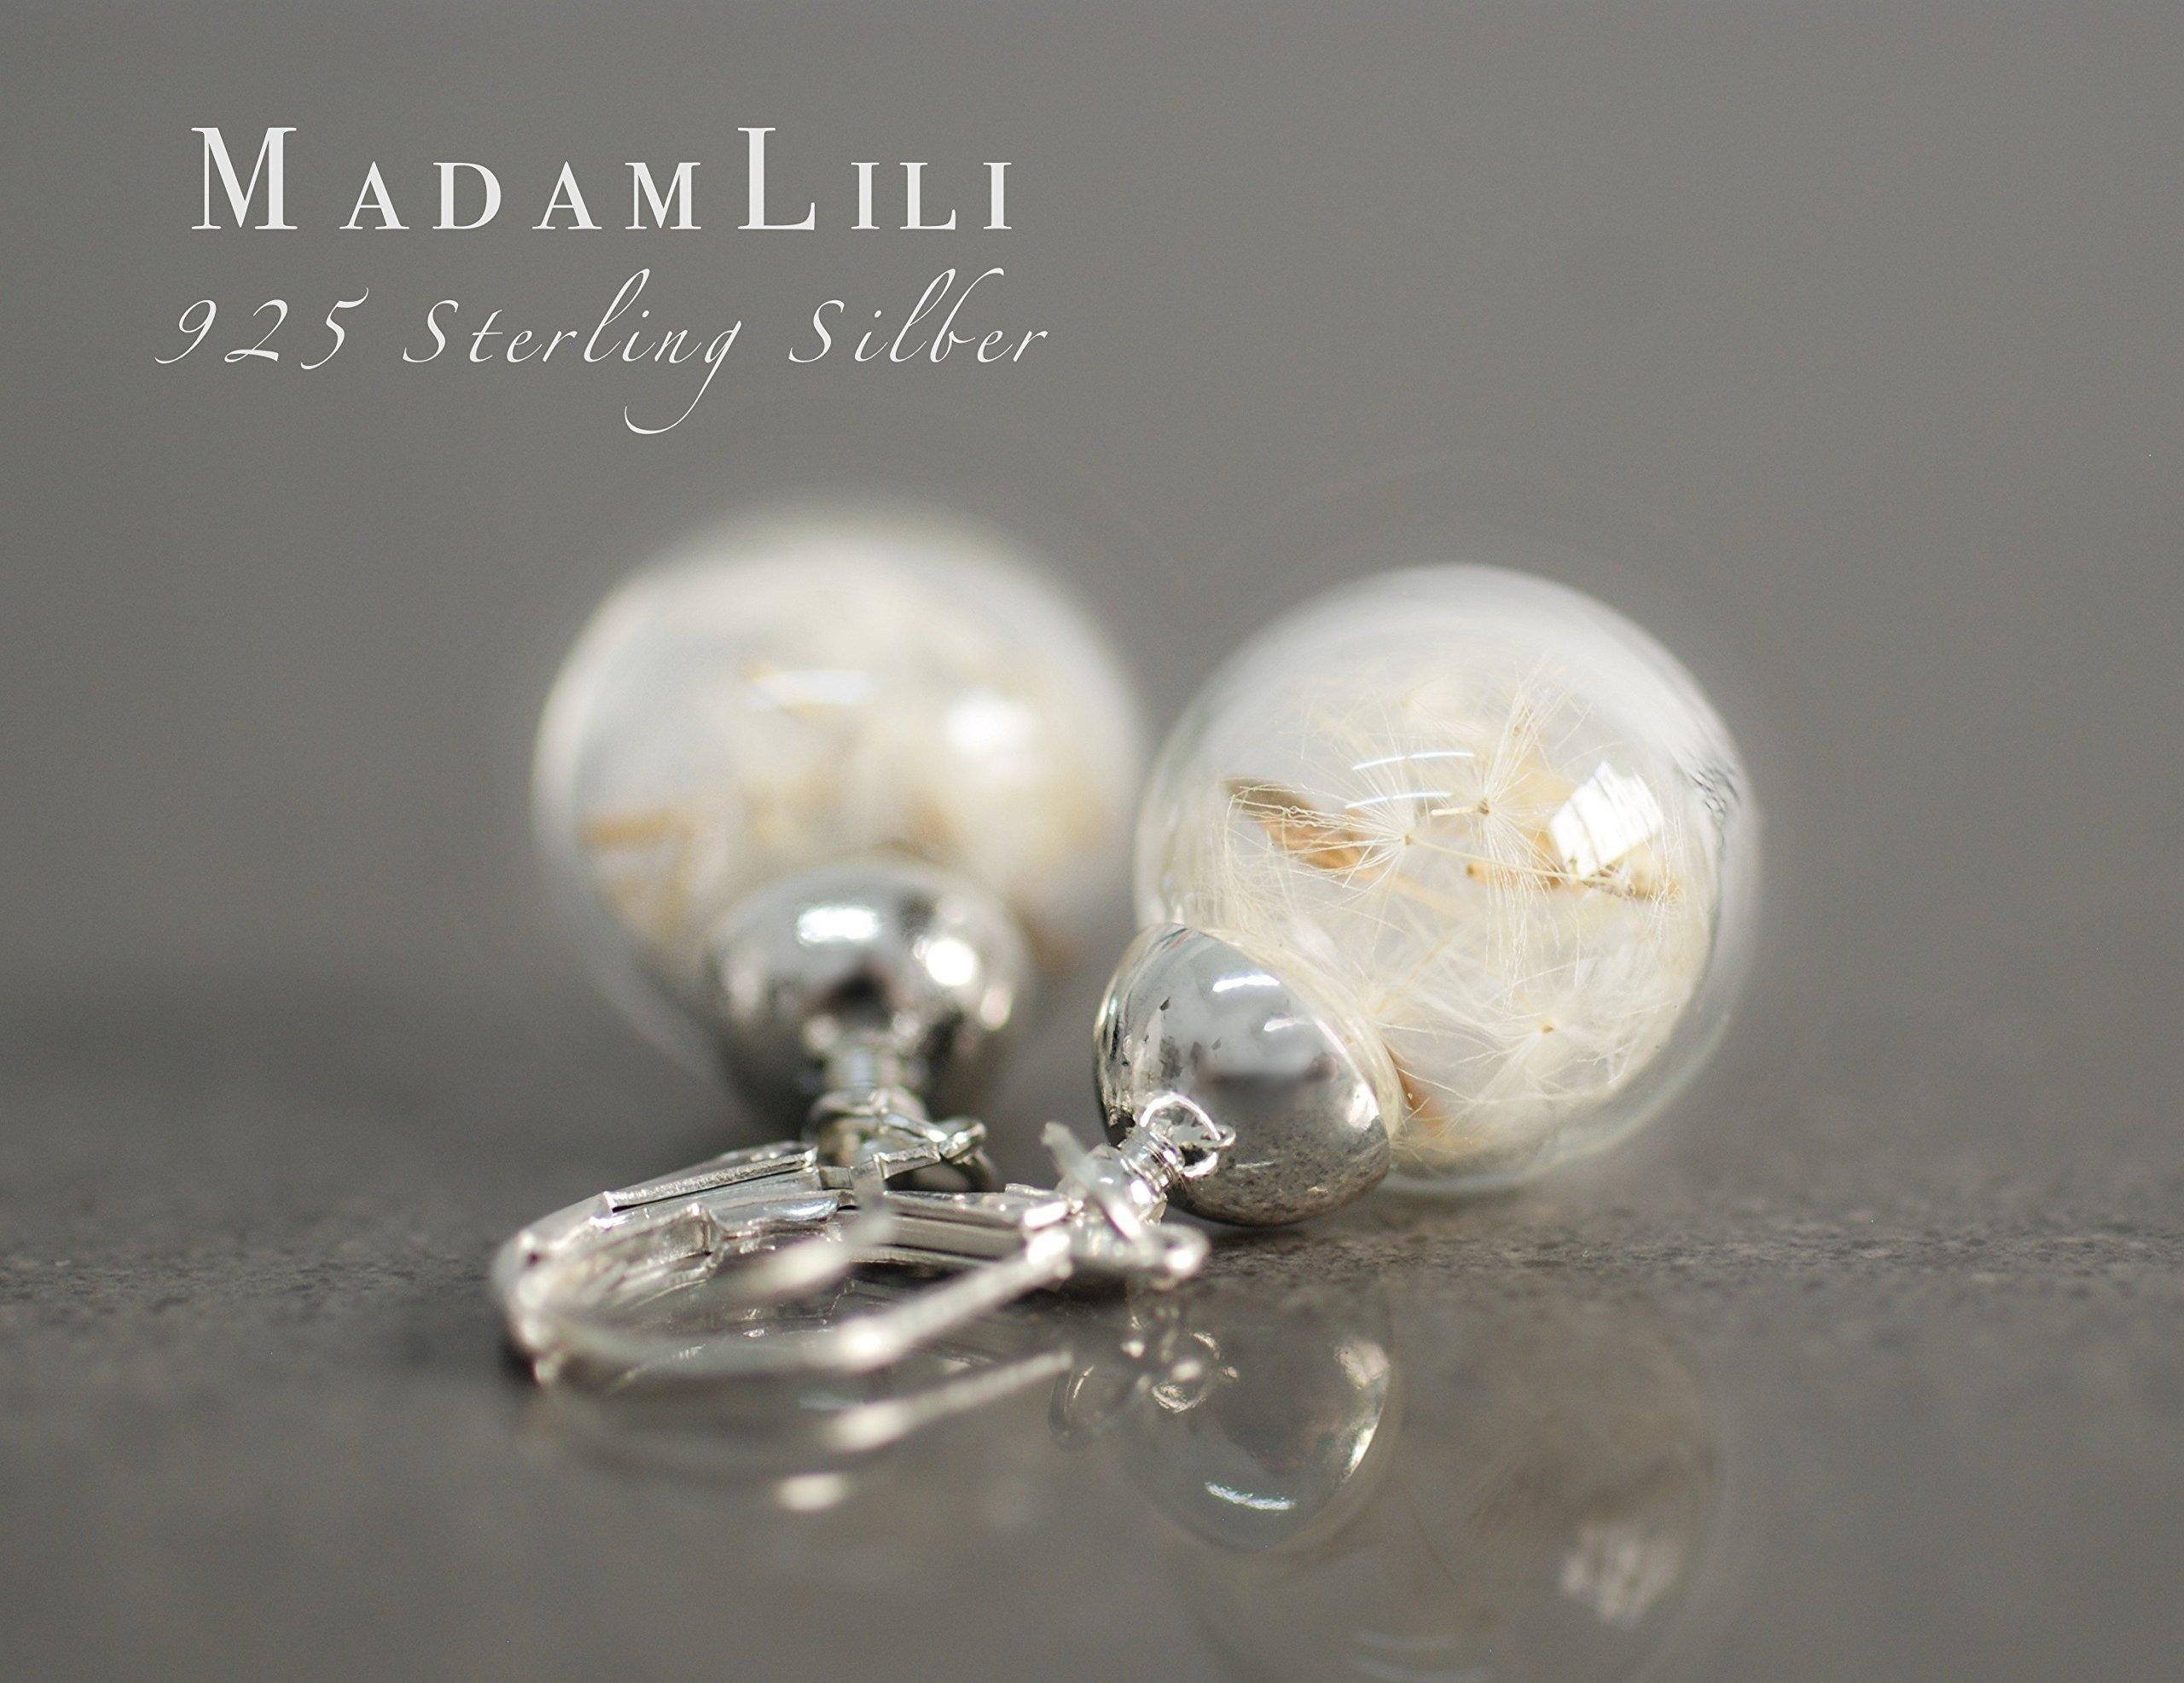 Ohrringe 925 Sterling SIlber - Echte Pusteblume - Hängend - Verschluss mit Ohrstopper